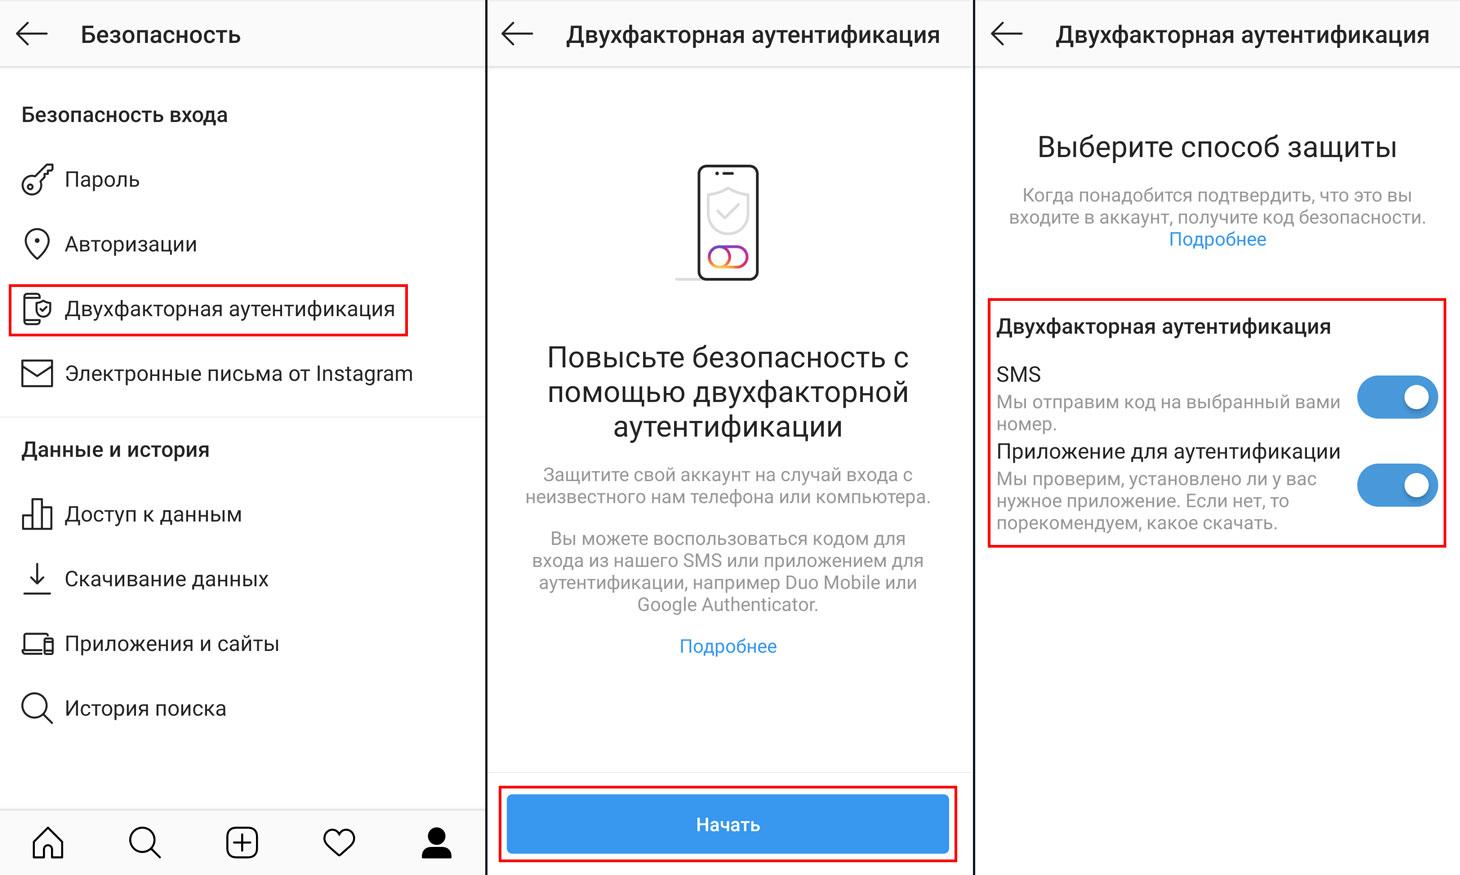 Как настроить двухфакторную аутентификацию в приложении Instagram